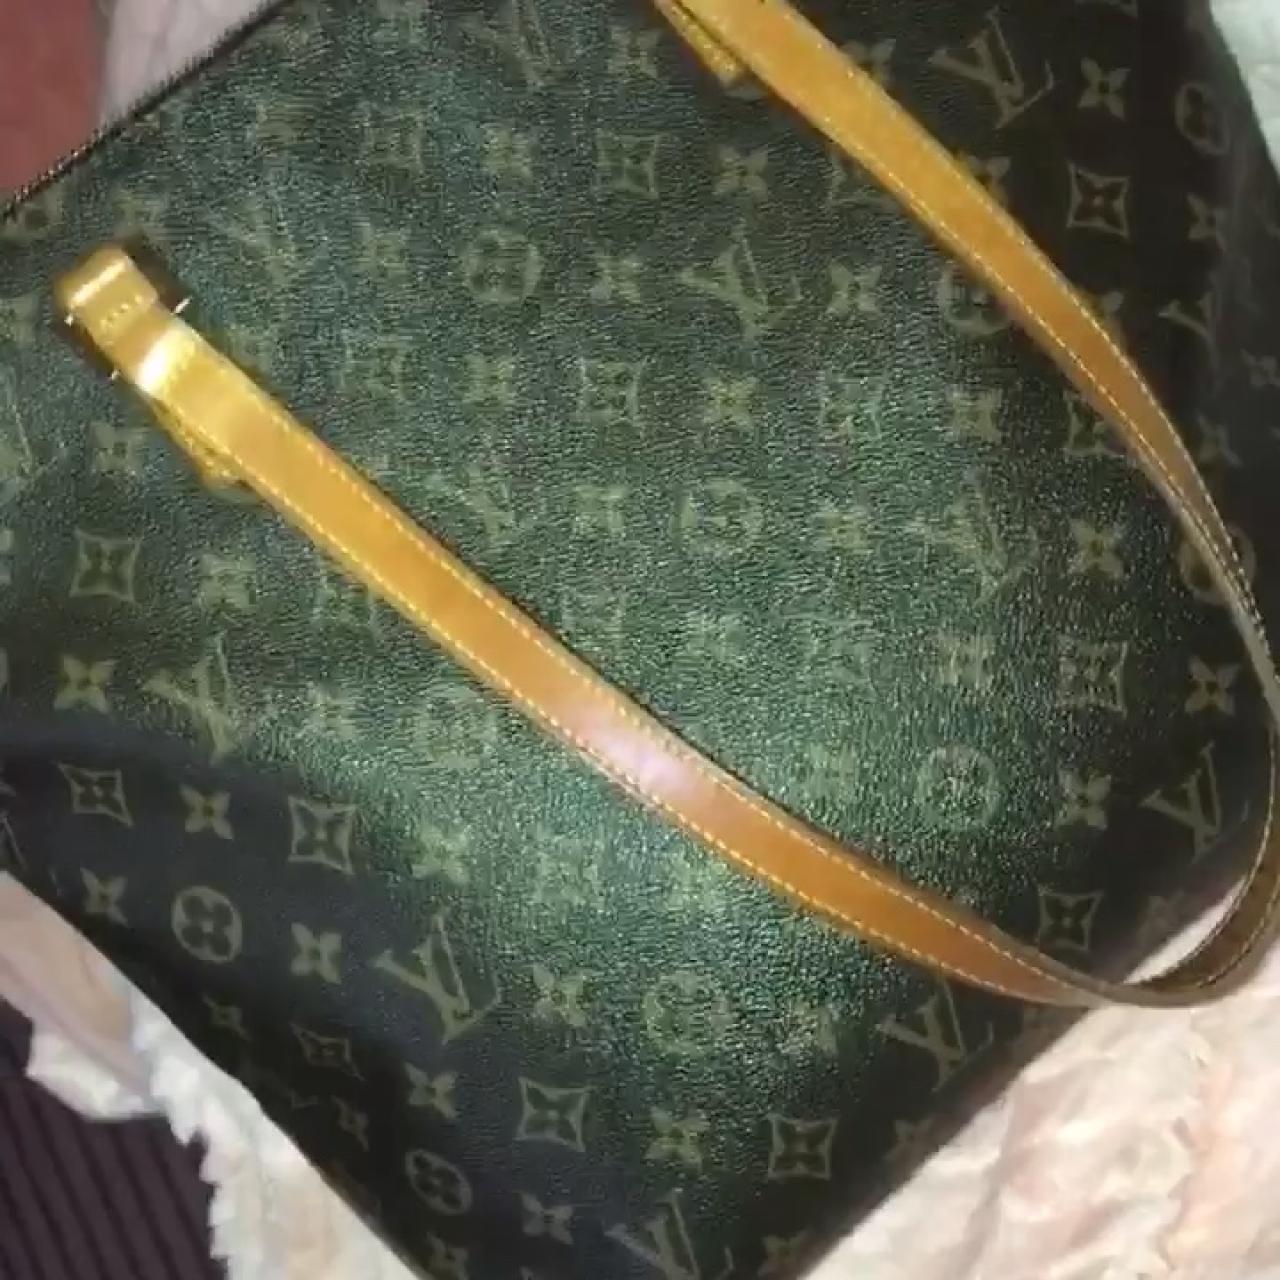 d1bc6fbfe5e47f Authentic Louis Vuitton cabas mezzo bag. Large size bag can - Depop